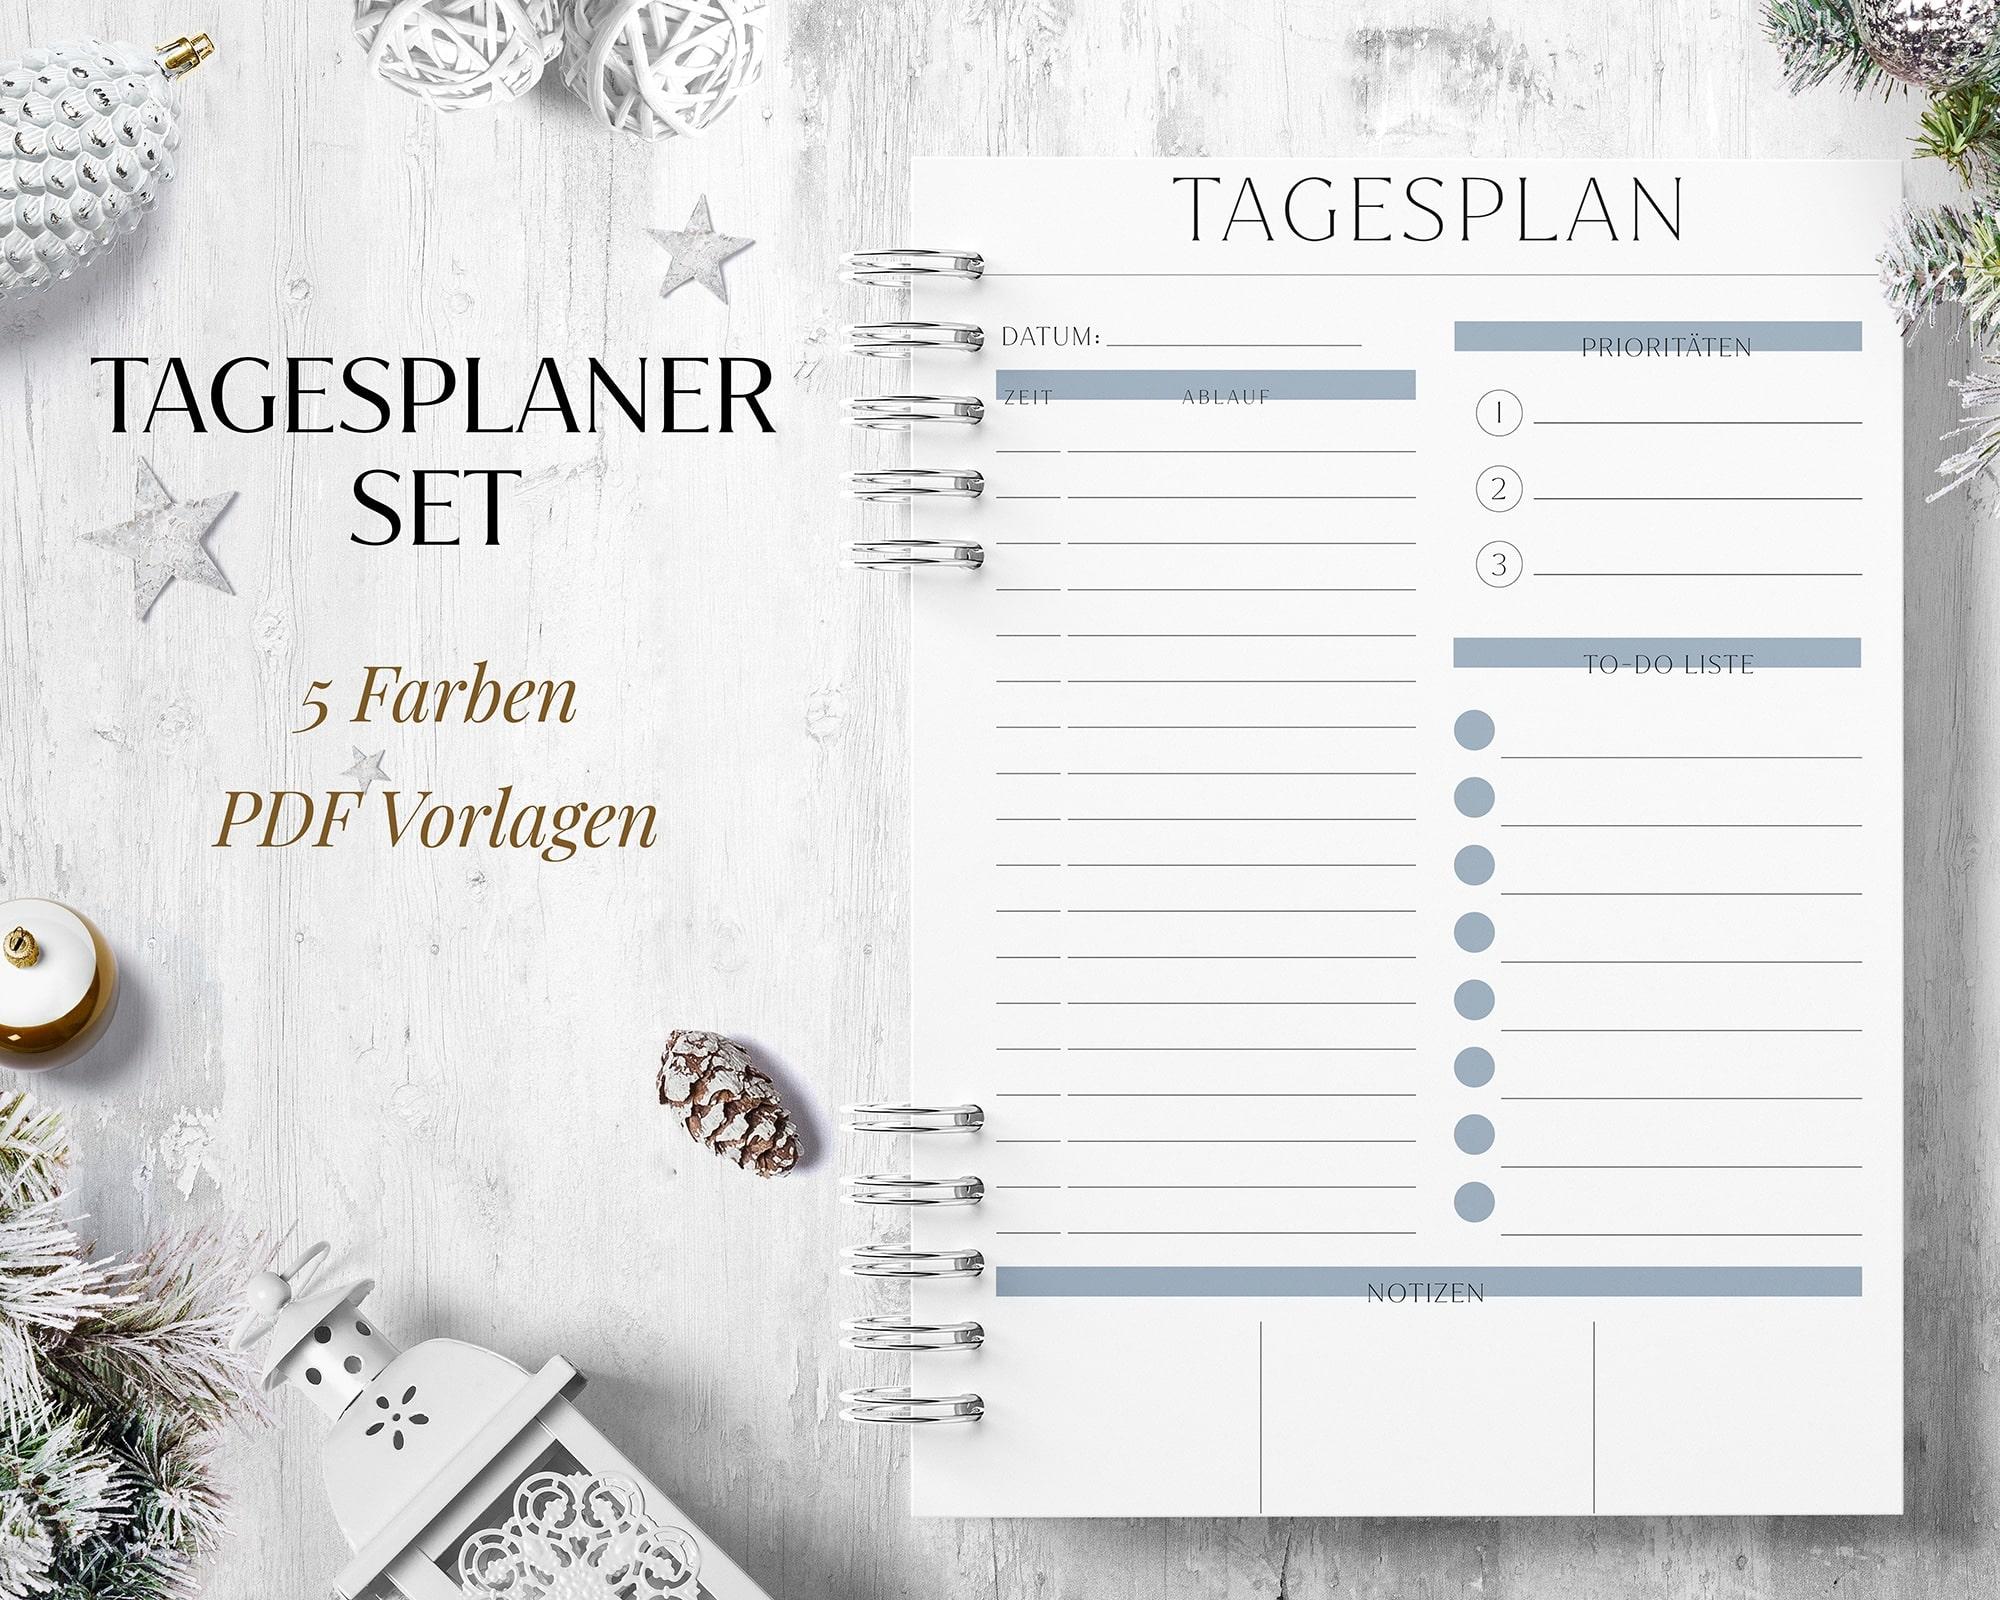 Tagesplan Vorlage digital pdf zum Ausdrucken